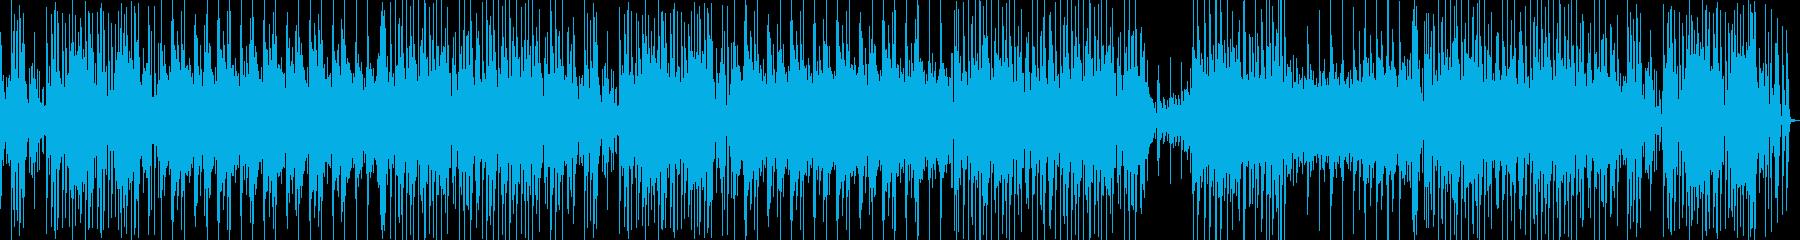 和風JAZZ企業VP明るい琴BGMの再生済みの波形